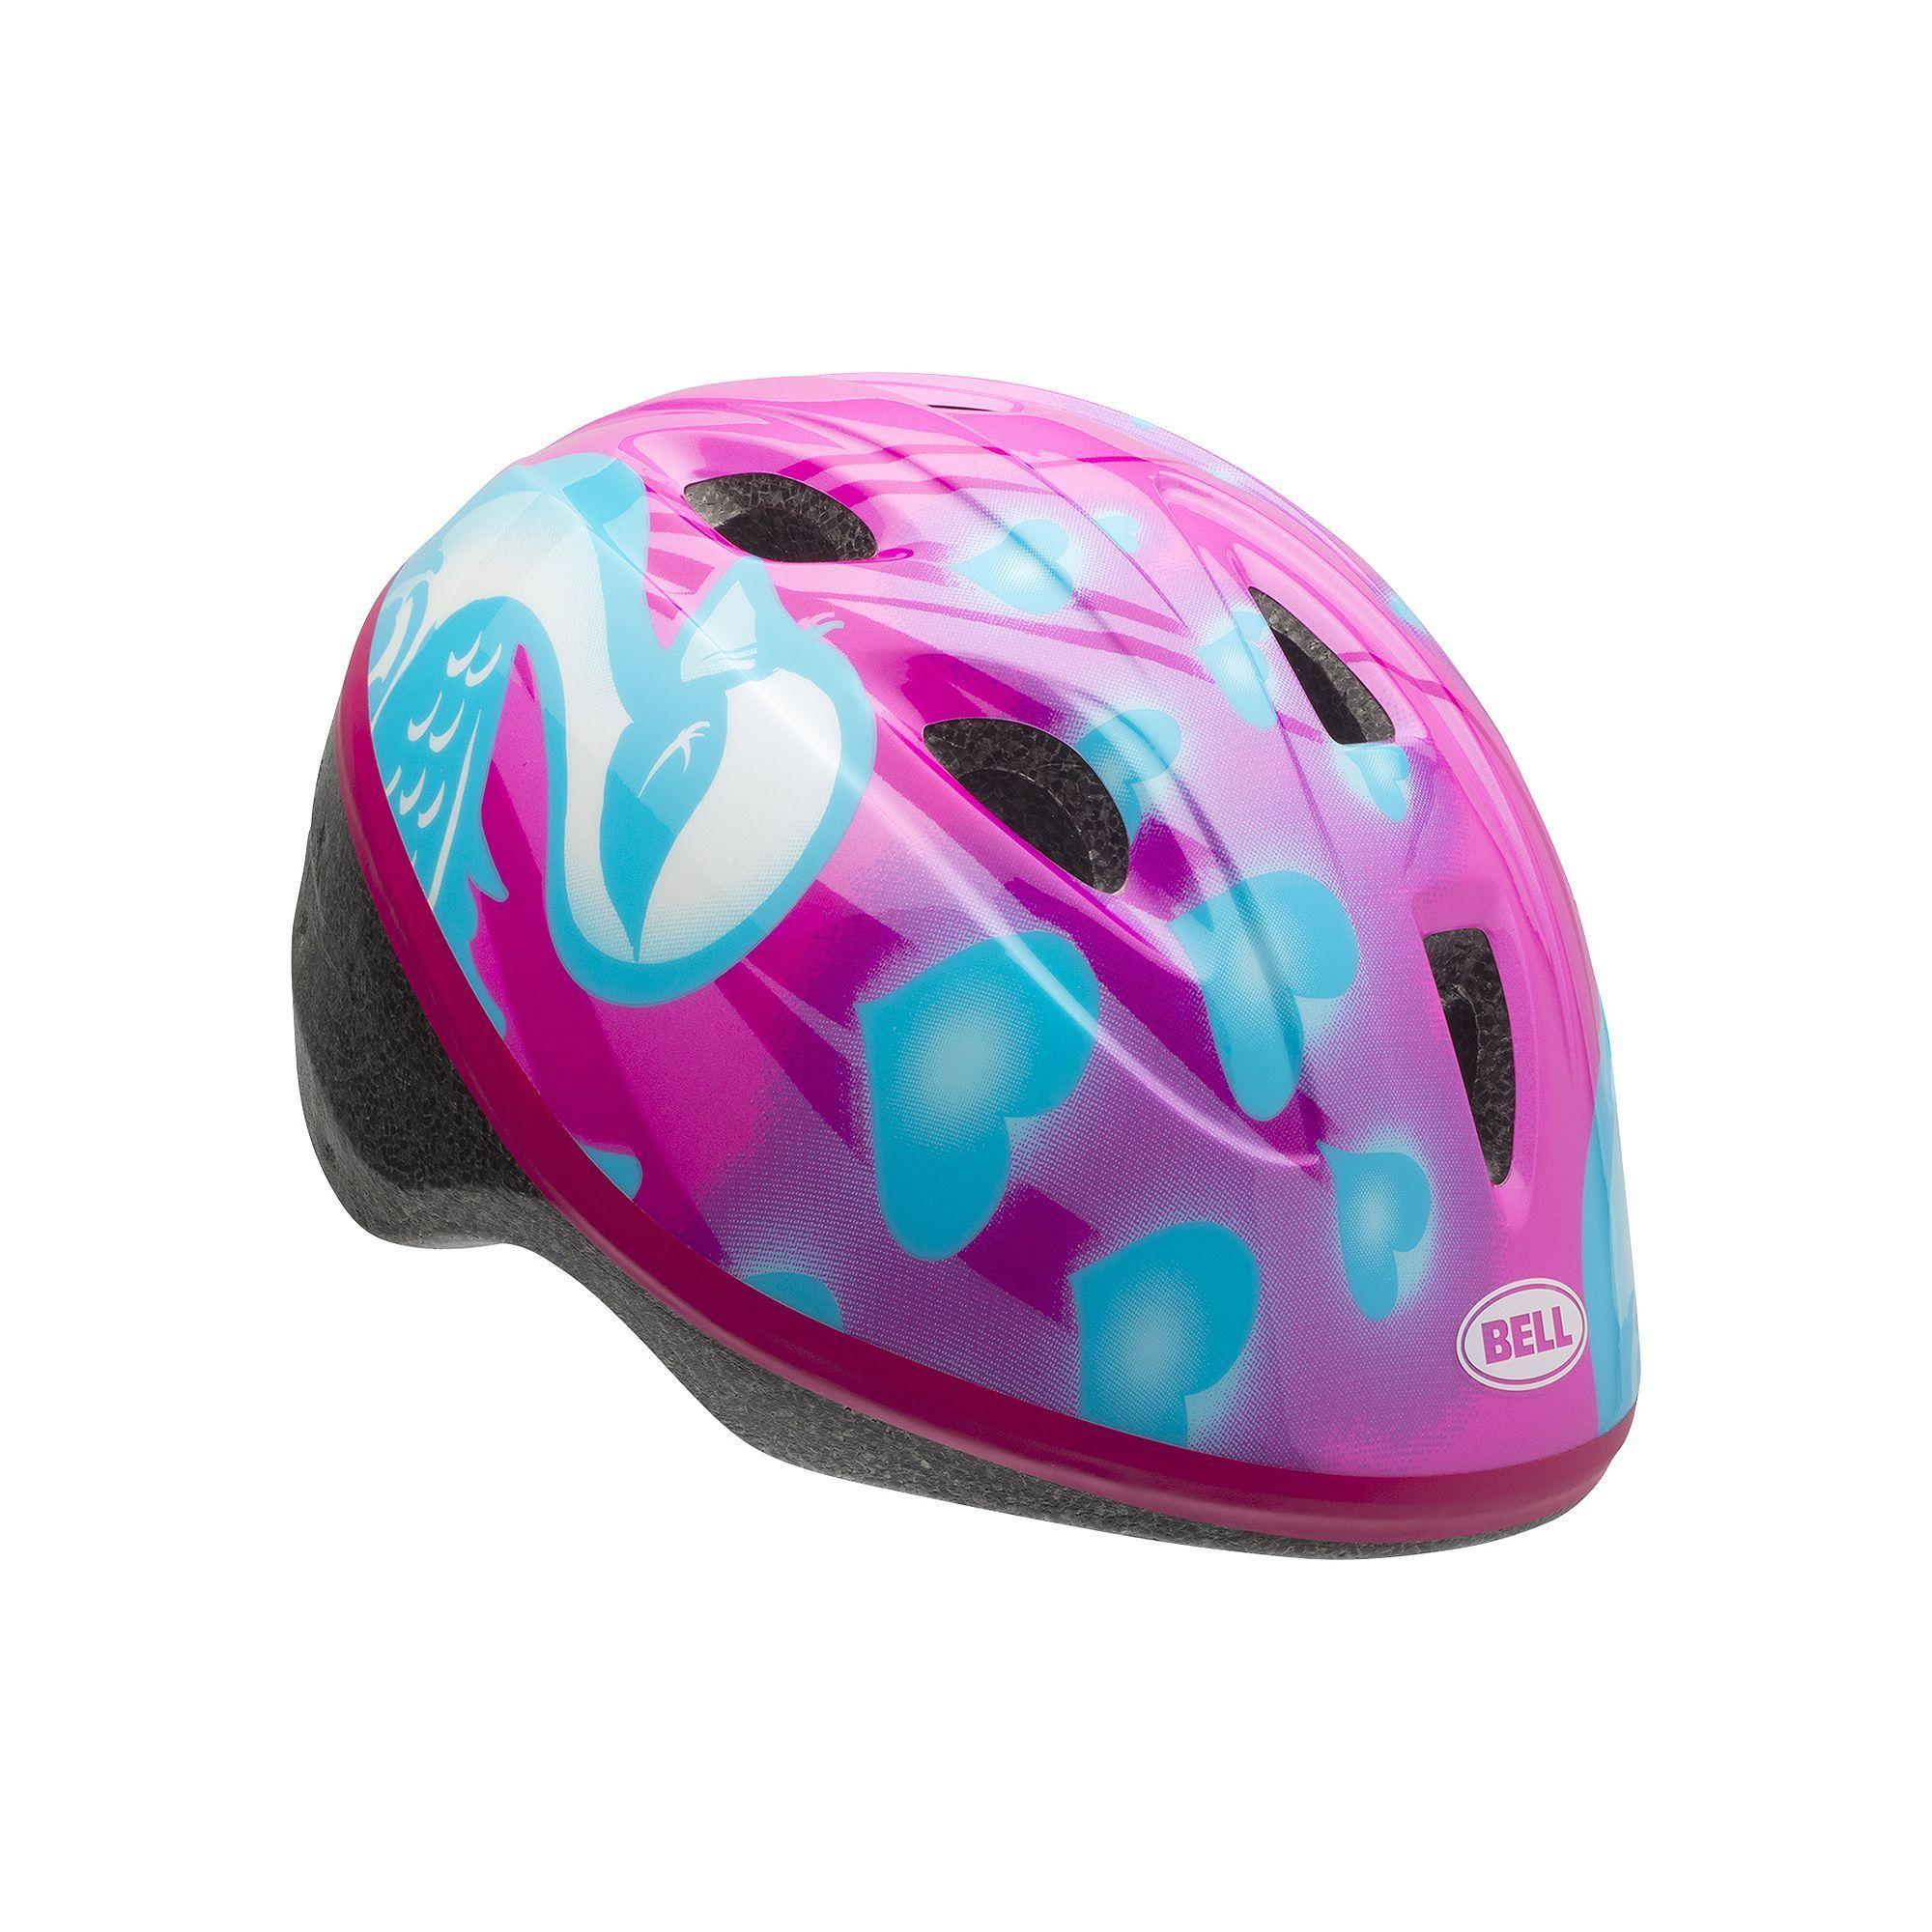 Toddler Bell Zoomer Bike Helmet Toddler Bike Toddler Bike